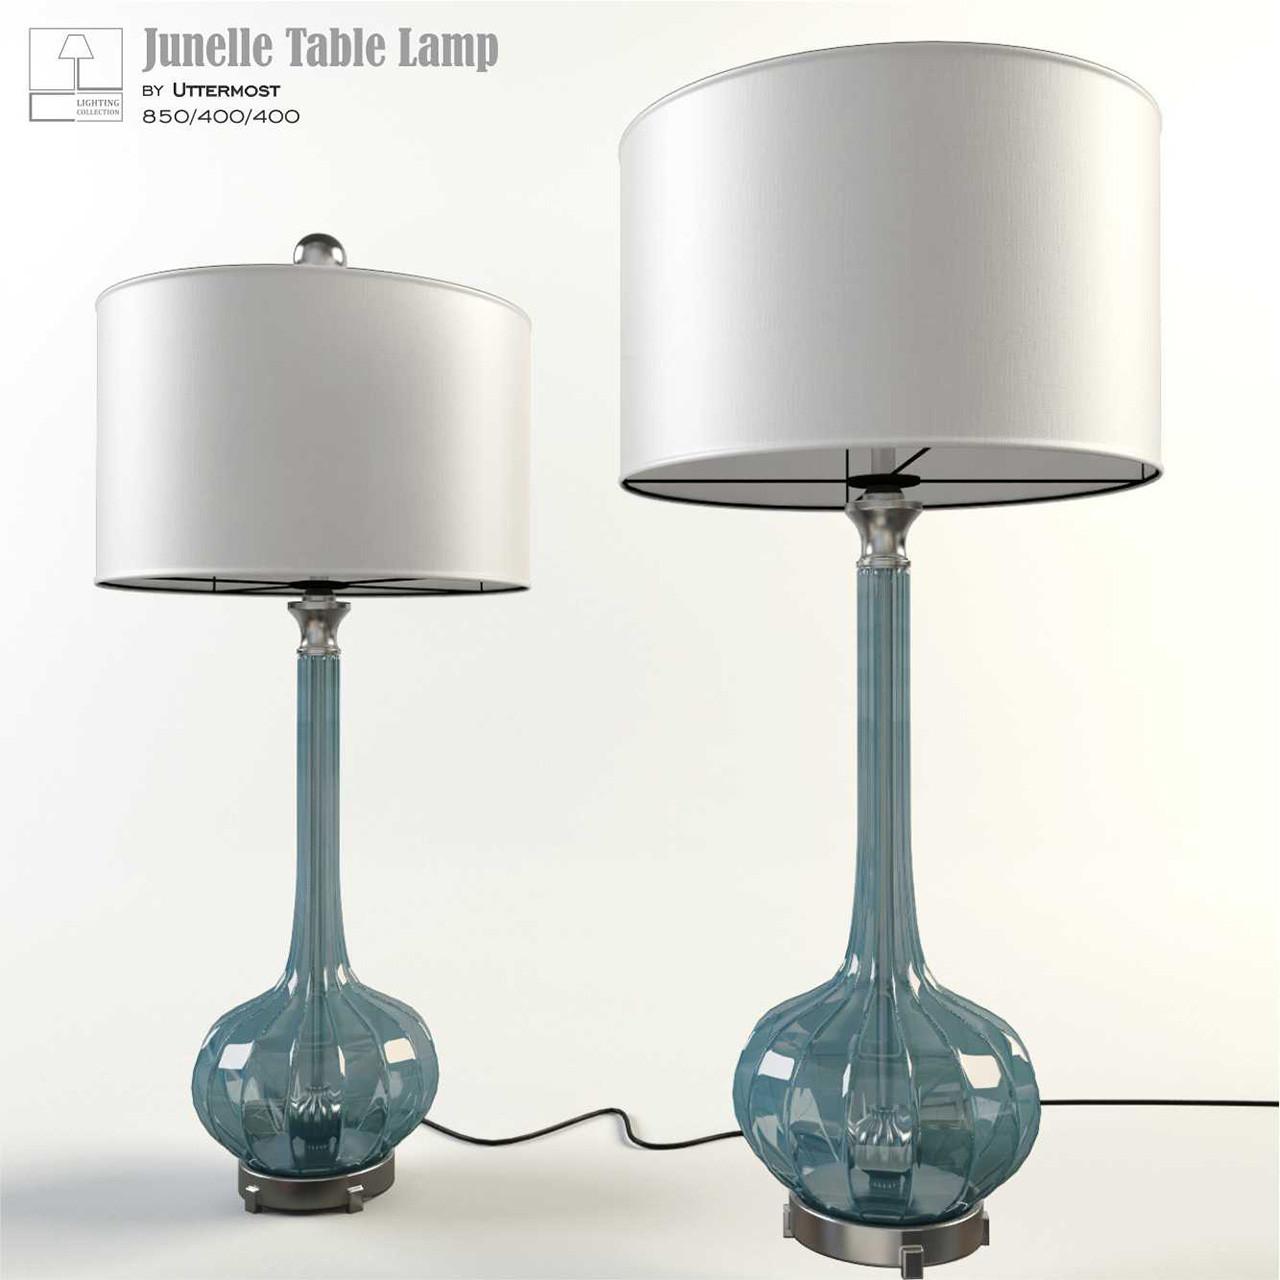 Junelle Table Lamp